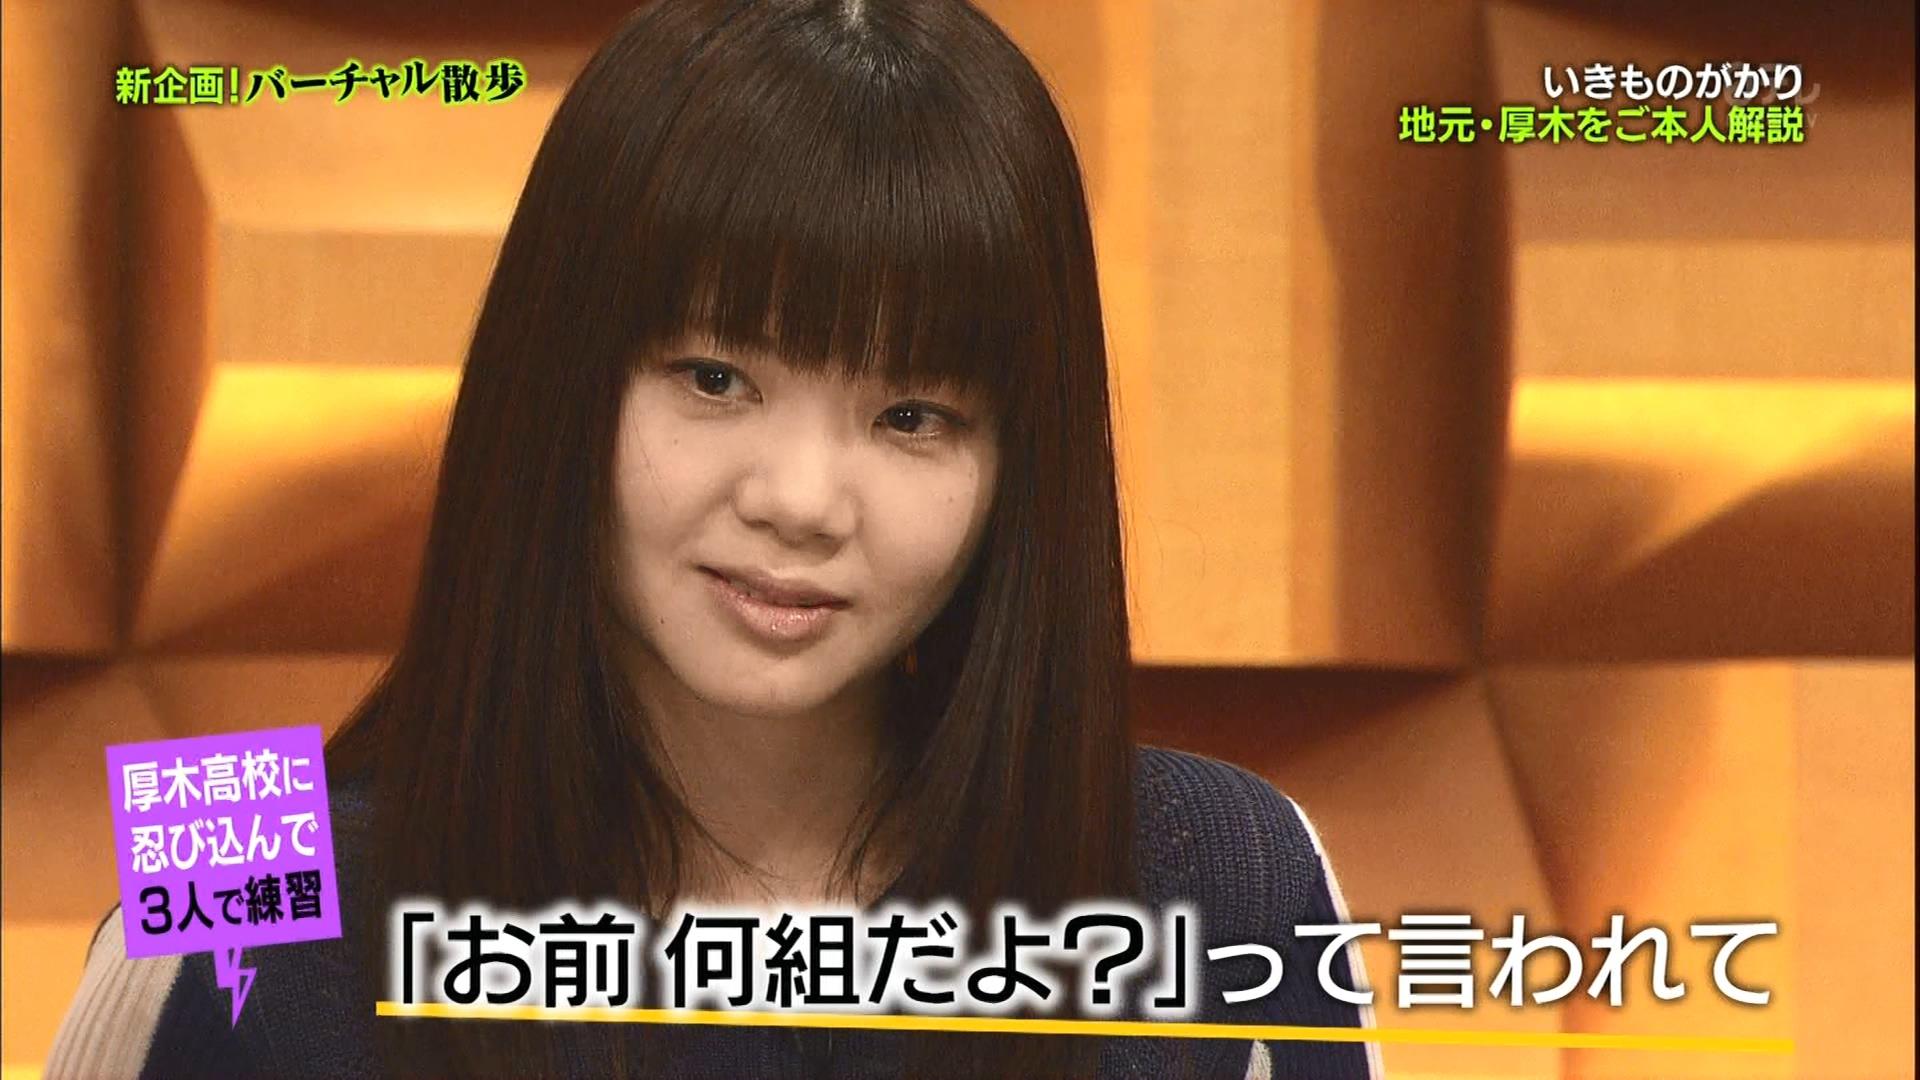 2016.03.11 全場(バズリズム).ts_20160312_014304.562